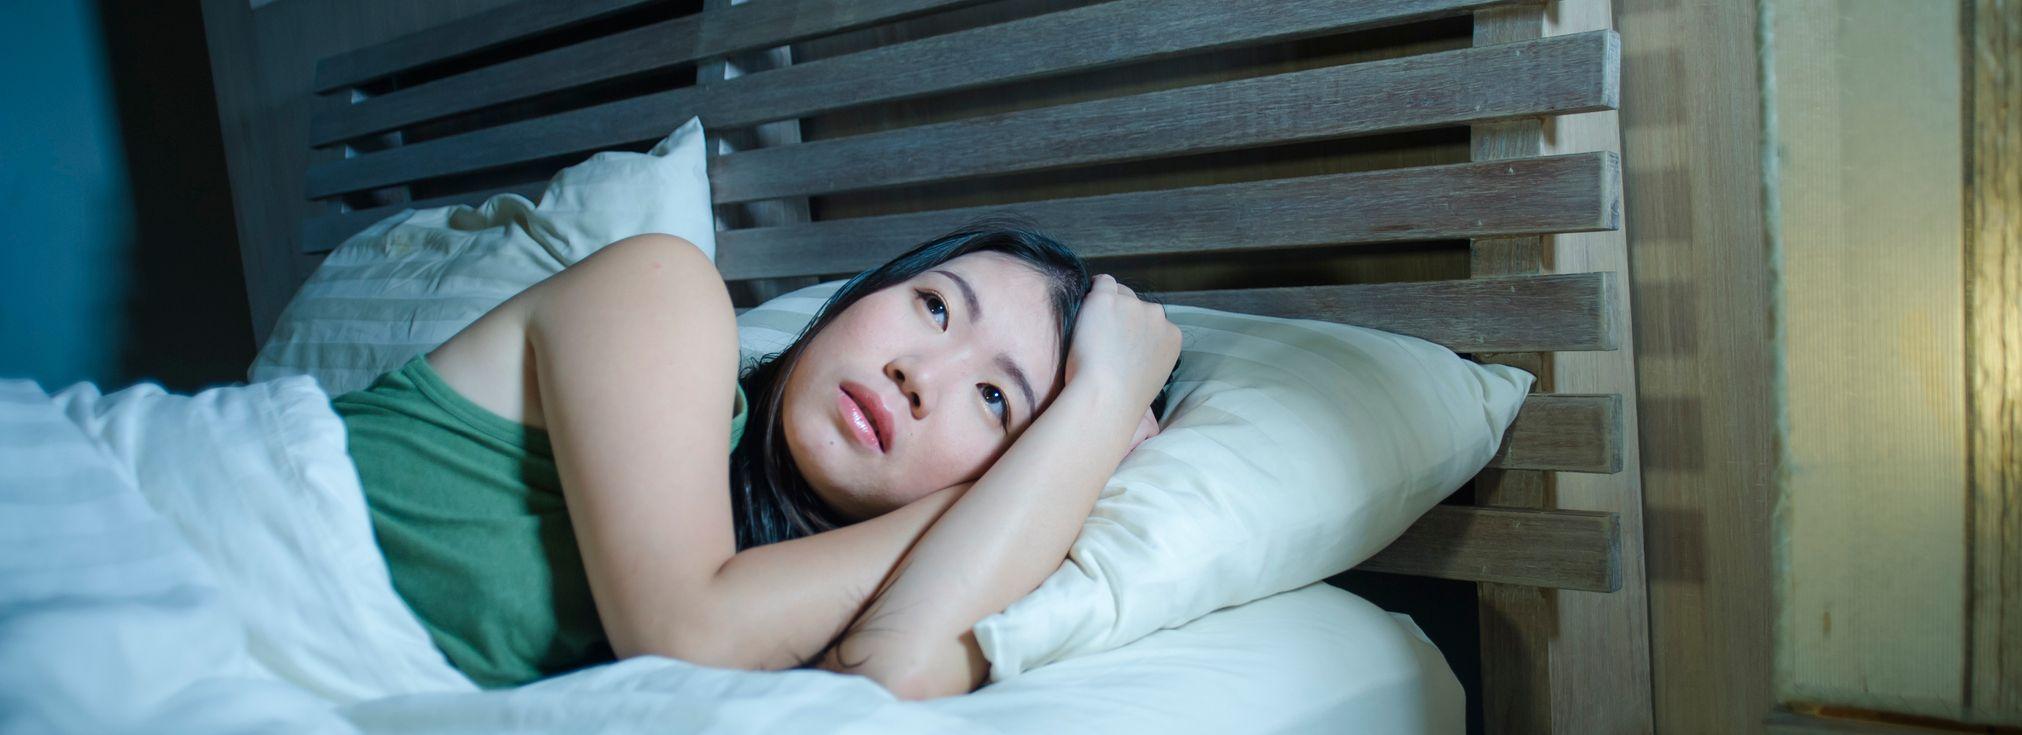 Masih Suka Susah Tidur, Gan? Ini Tips Jitunya!